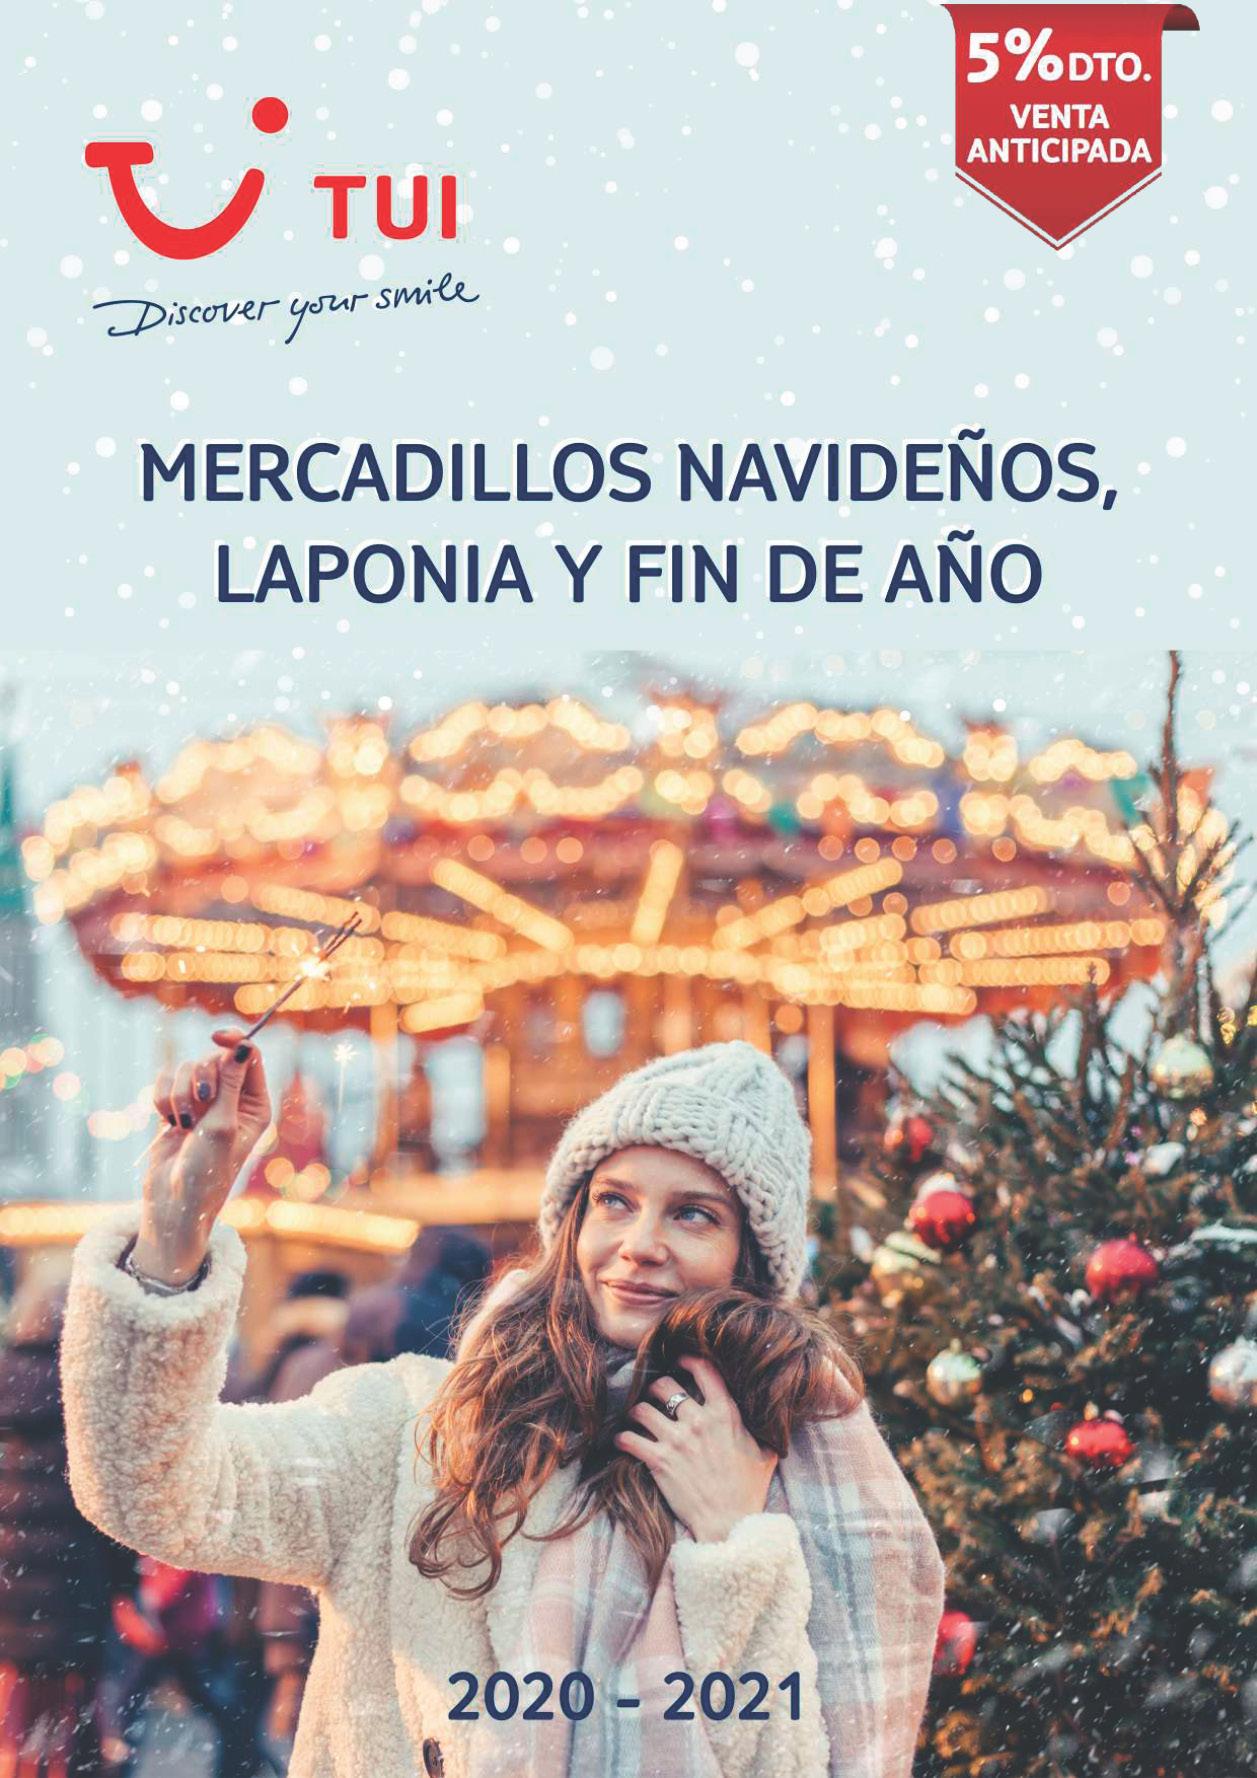 Catalogo TUI Ambassador Tours Mercadillos de Navidad Puente de Diciembre Navidad y Fin de Ano 2020 Laponia 2021